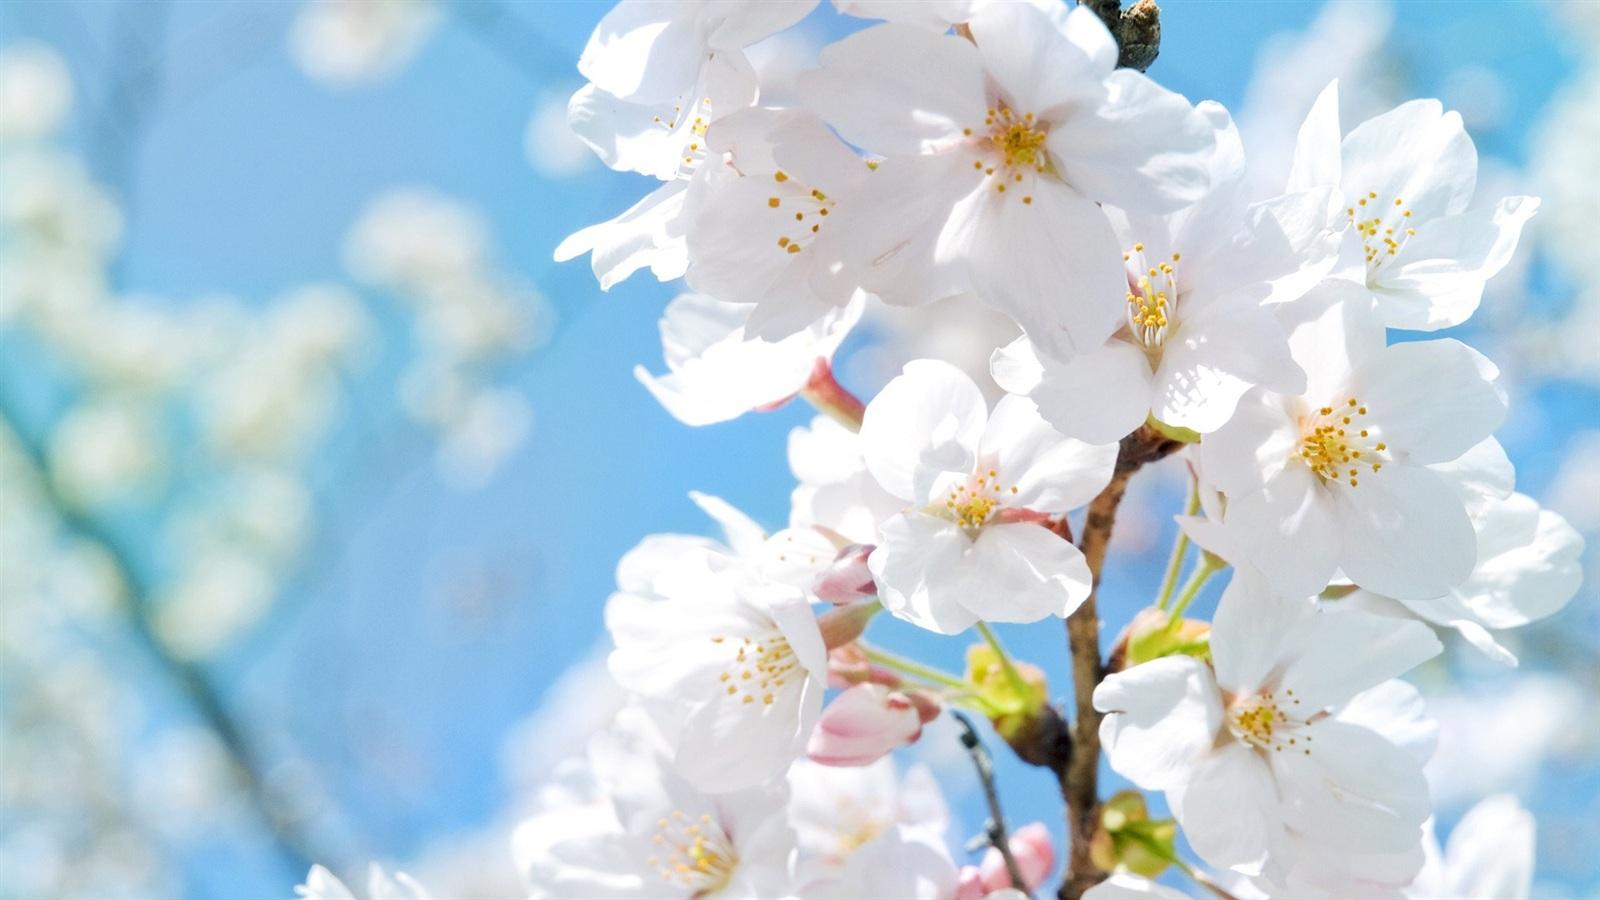 春天的白色樱花 1600x900 壁纸下载 HK.Best Wallpaper.Net -春天的白